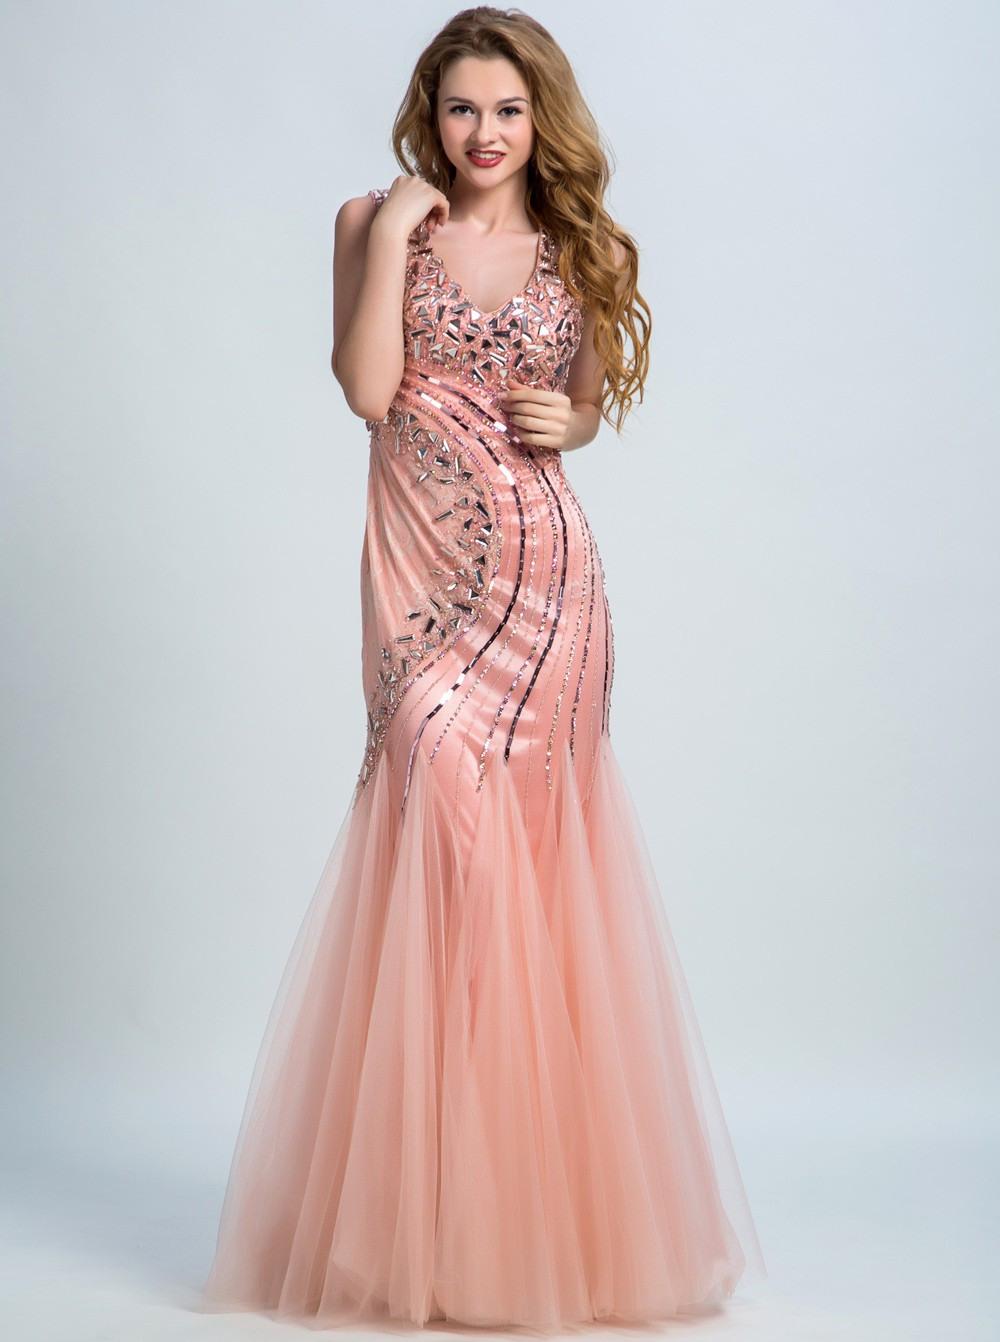 Designer Schön Rosa Abend Kleid Boutique Luxus Rosa Abend Kleid Galerie